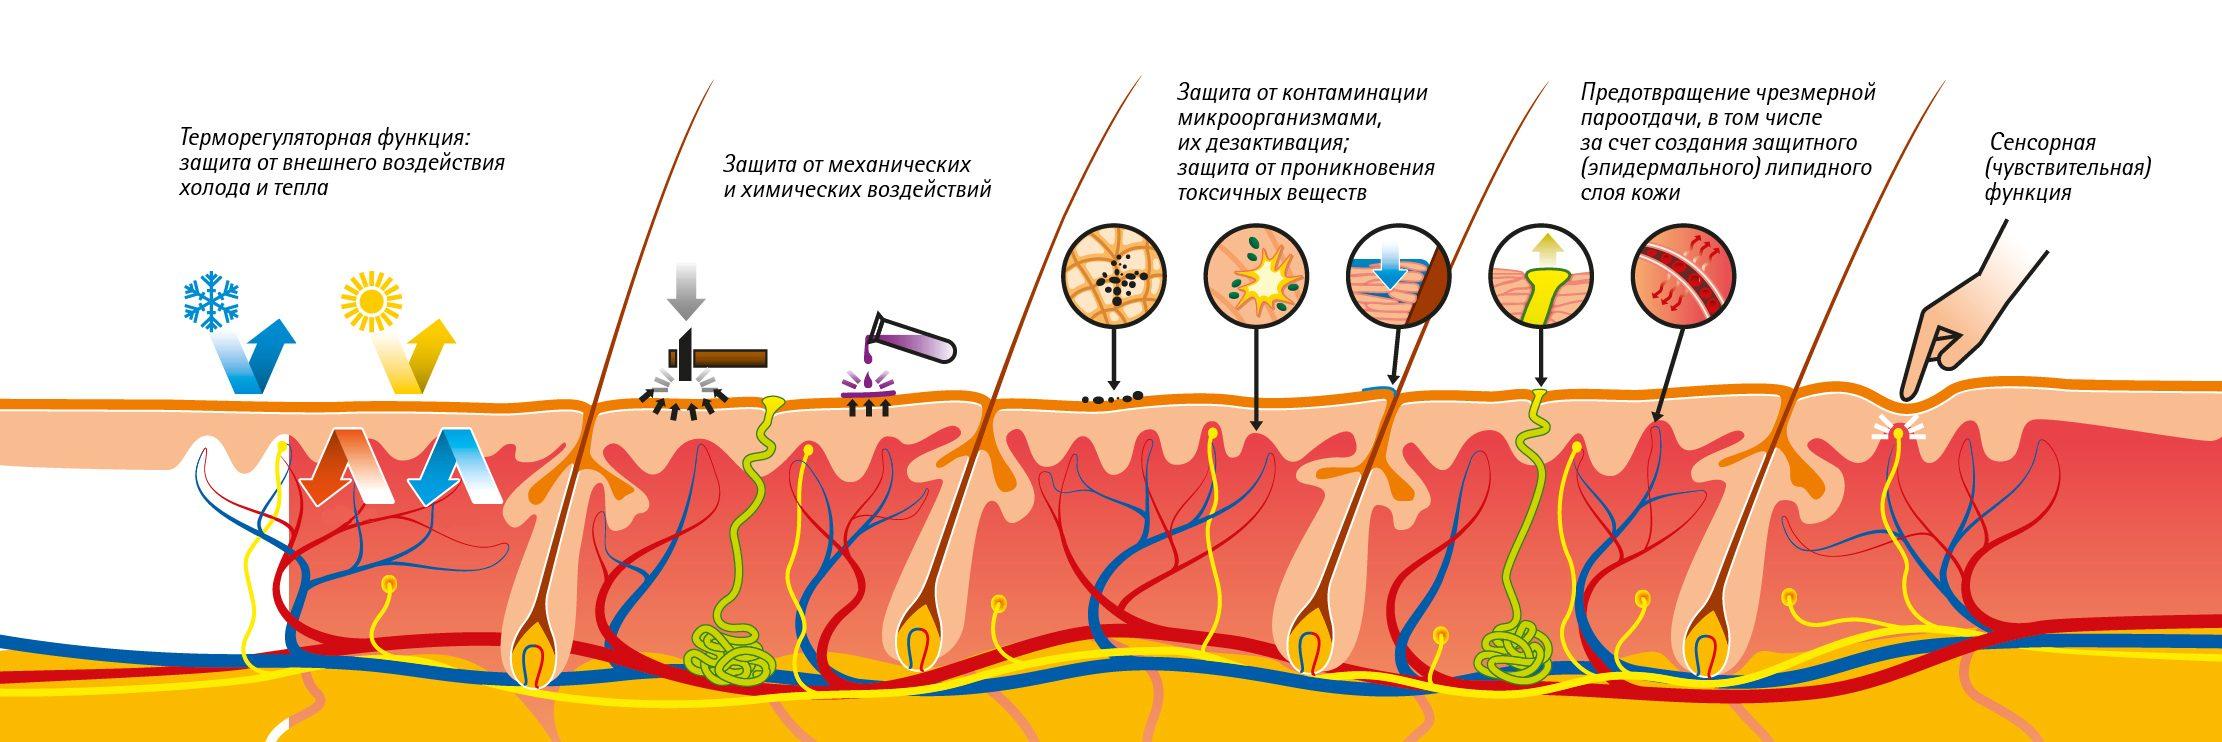 Строение кожи человека, функции и интересные факты о коже